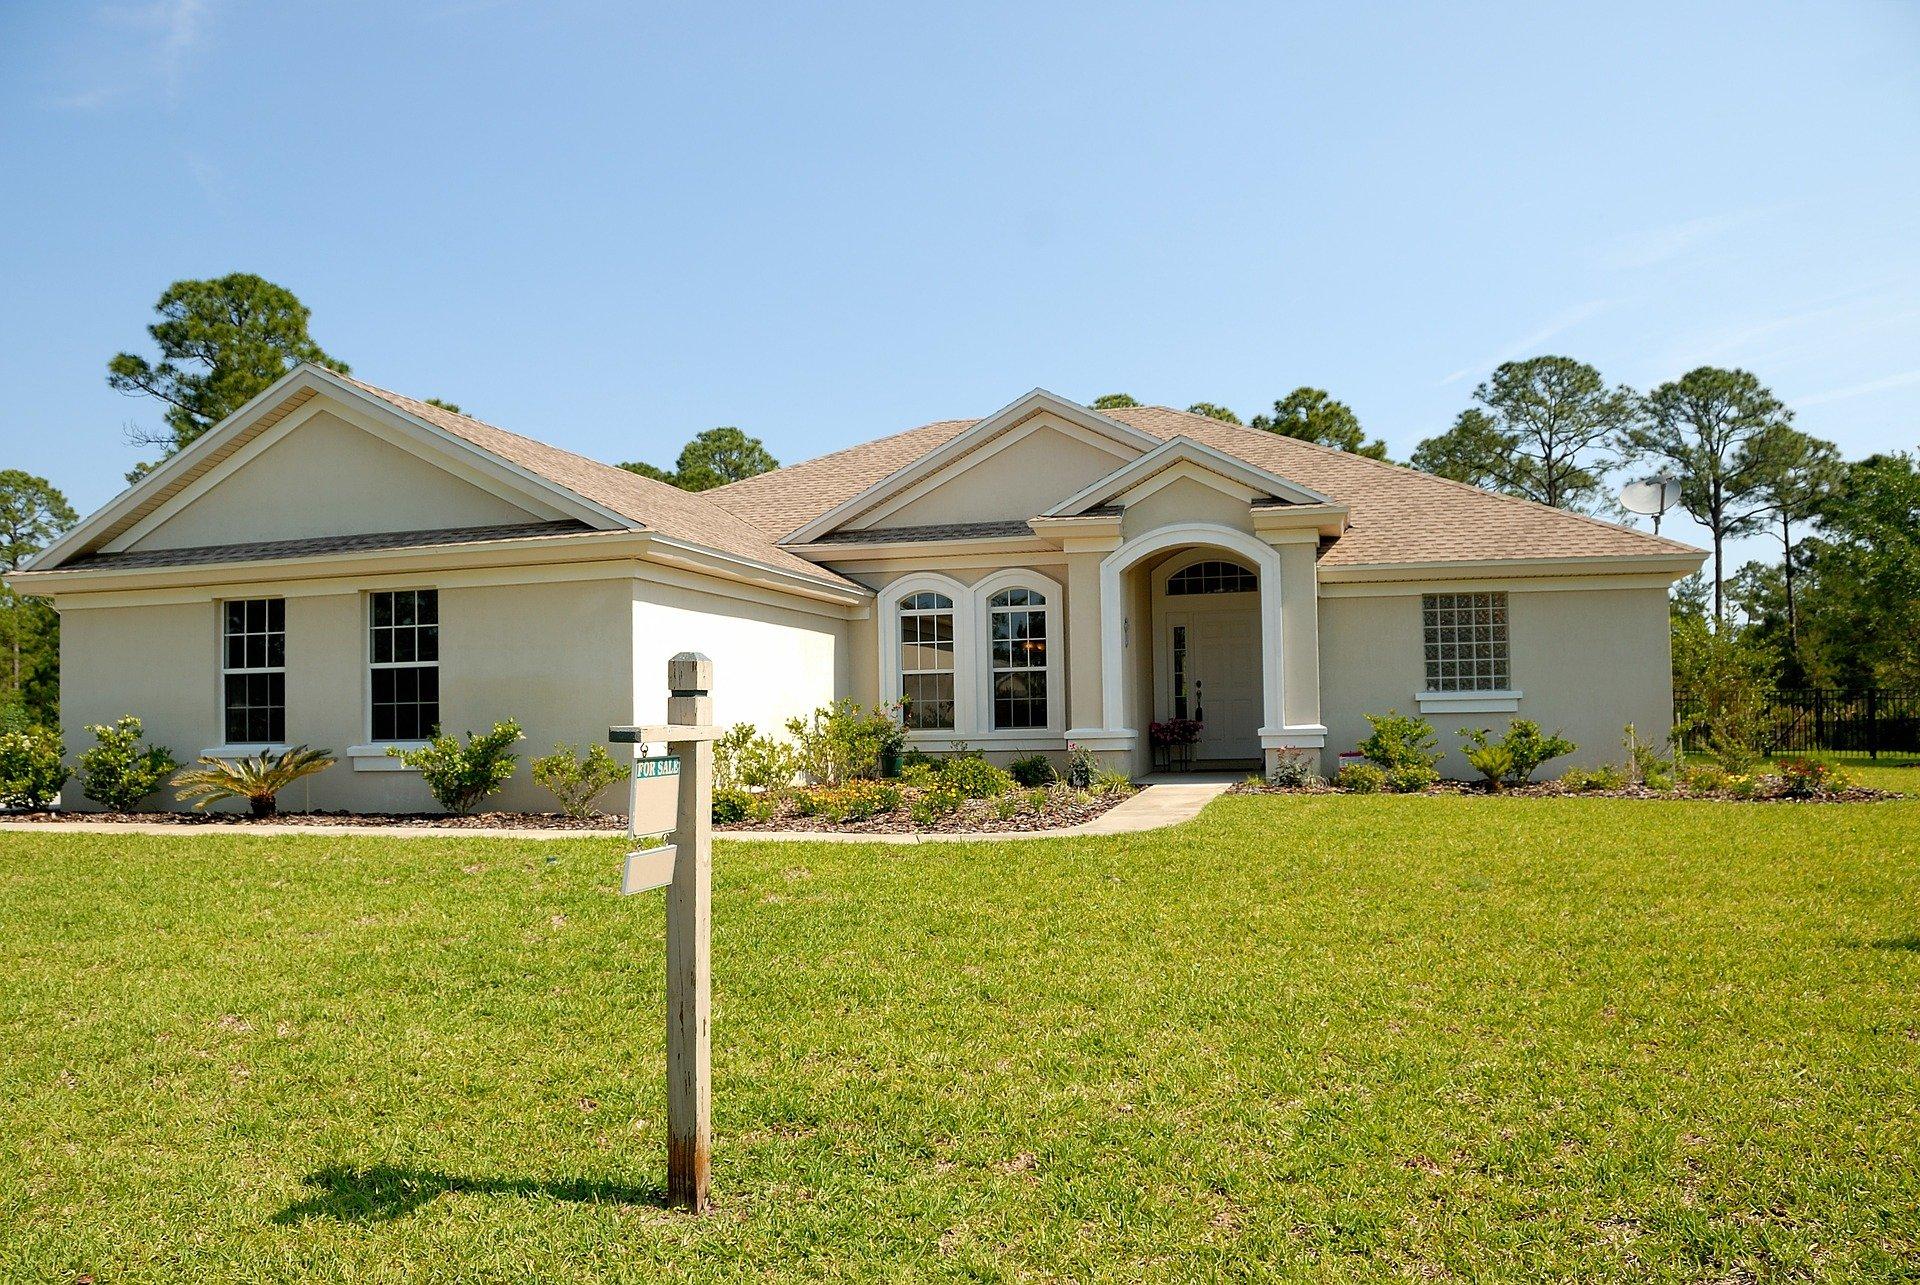 5 мифов об ипотеке, из-за которых люди не хотят ее оформлять